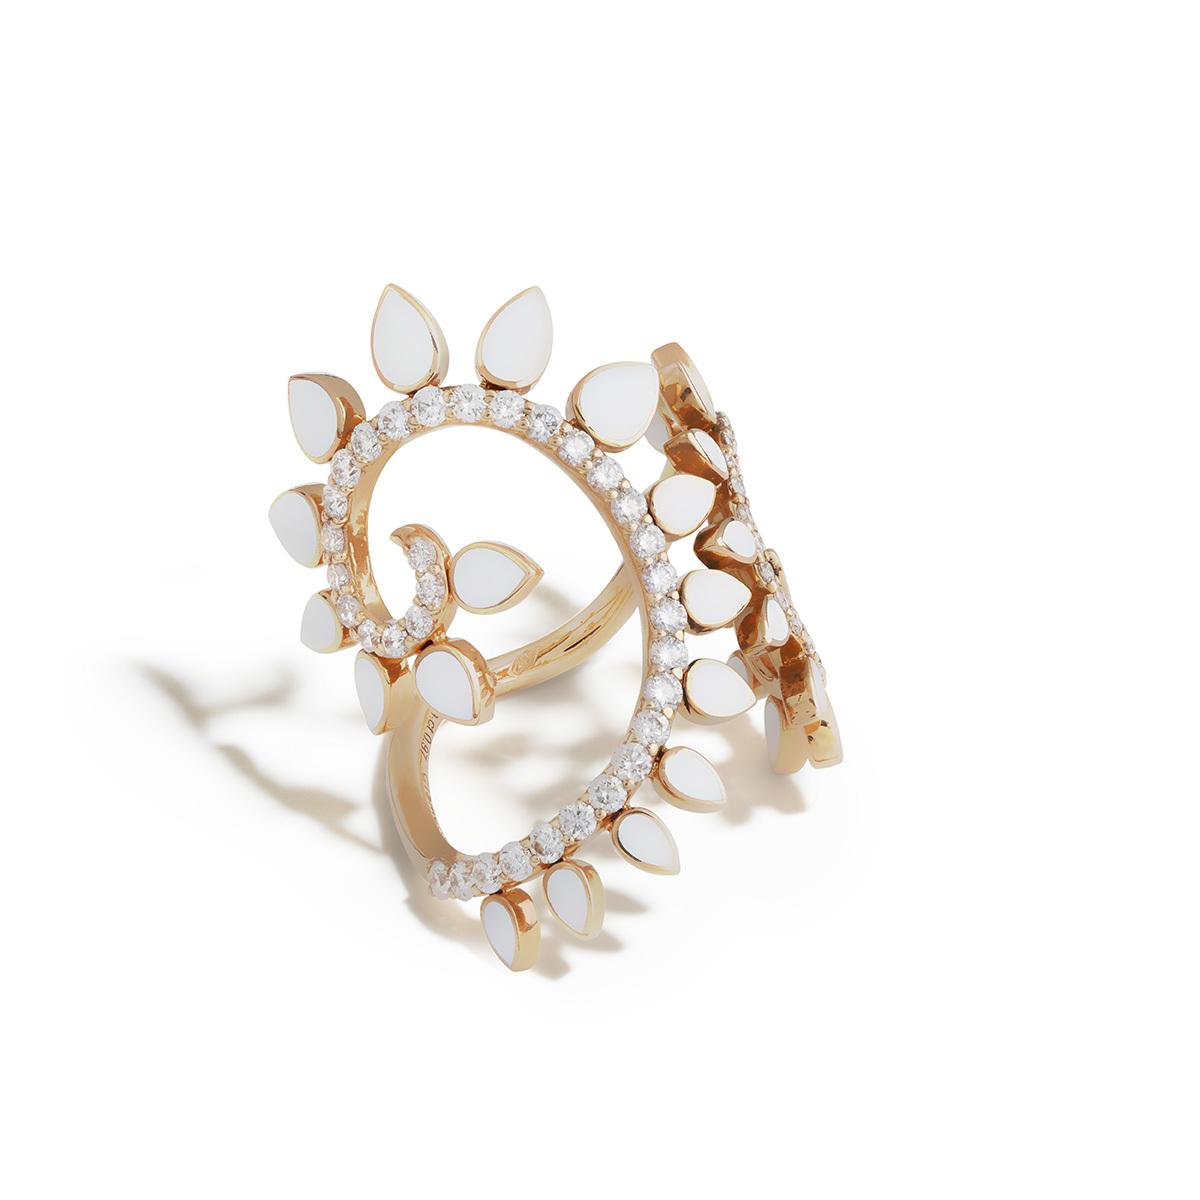 Anello in oro rosa, ceramica bianca e diamanti.